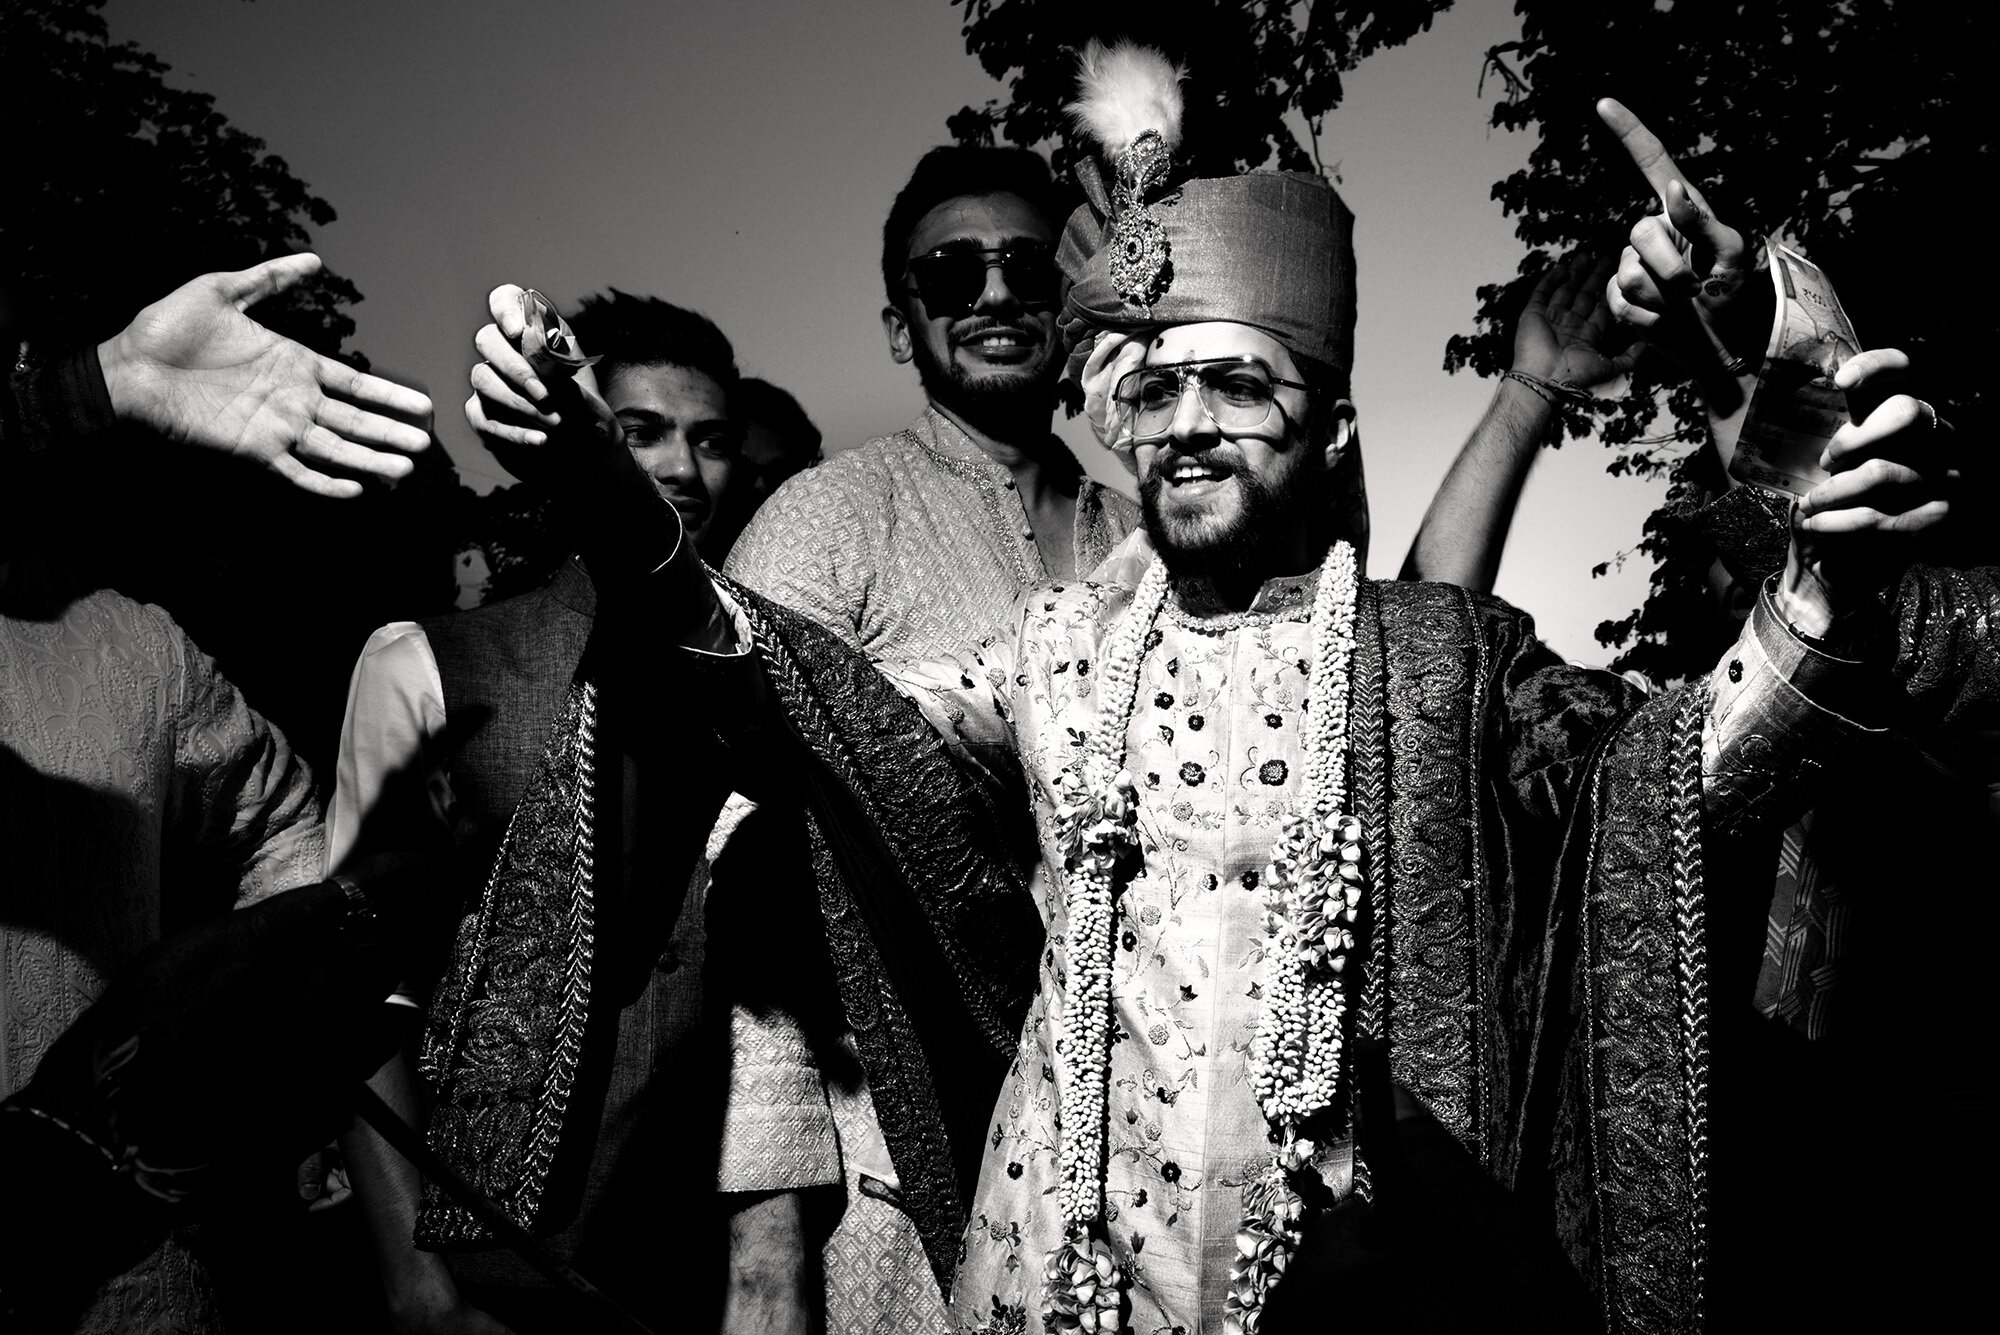 mariage-inde-mumbai-wygledacz-photographe-001.jpg